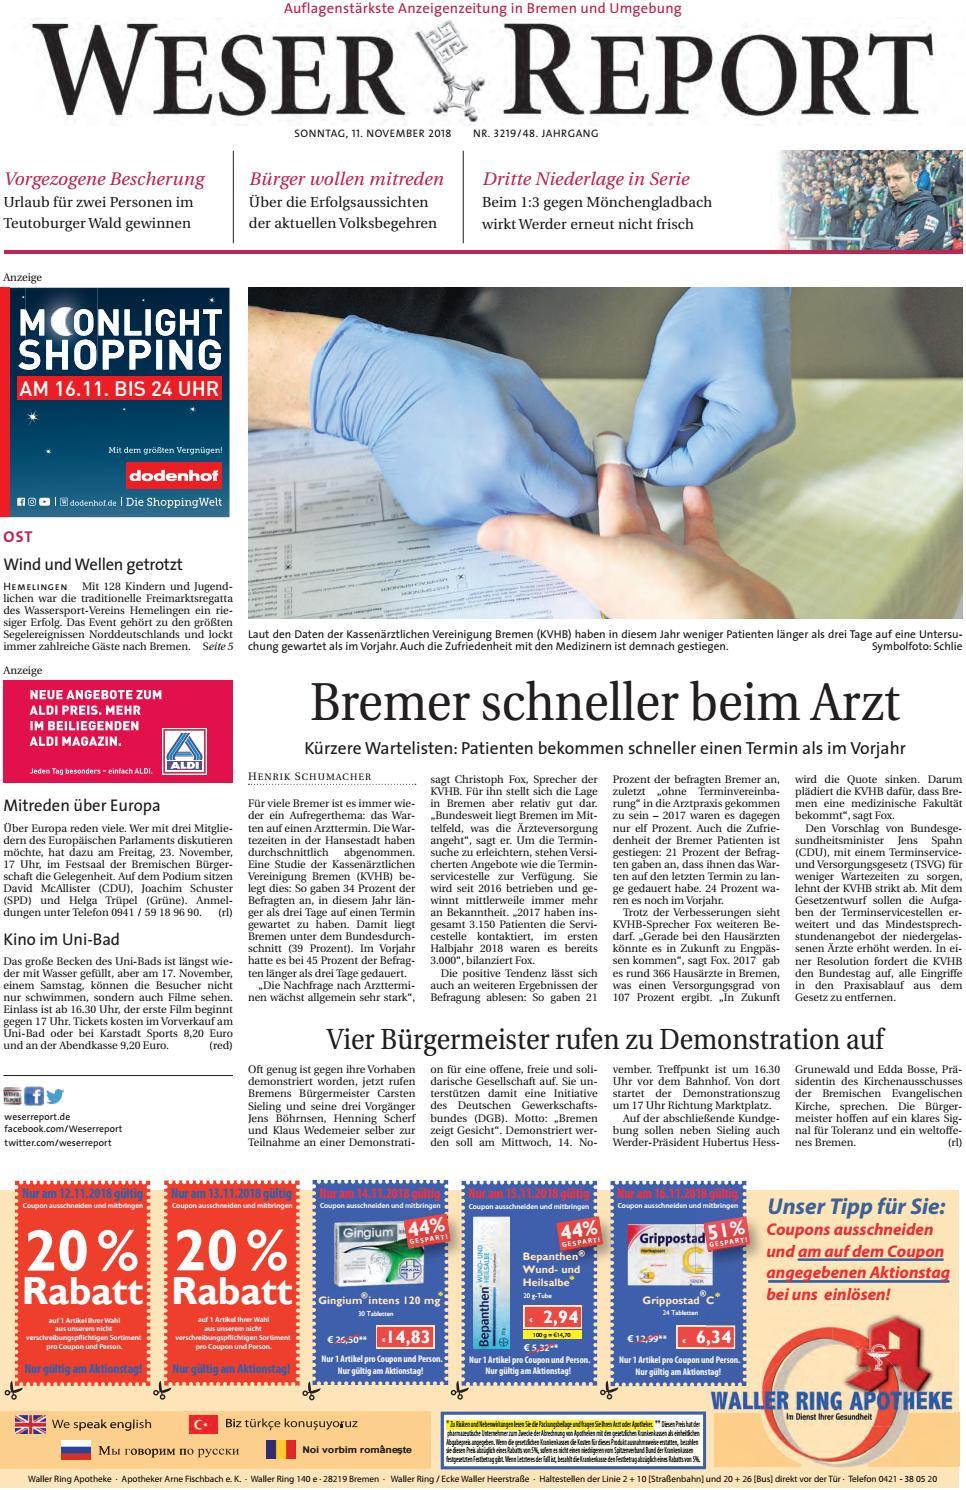 Weser Report - Ost vom 11.11.2018 by KPS Verlagsgesellschaft mbH ...